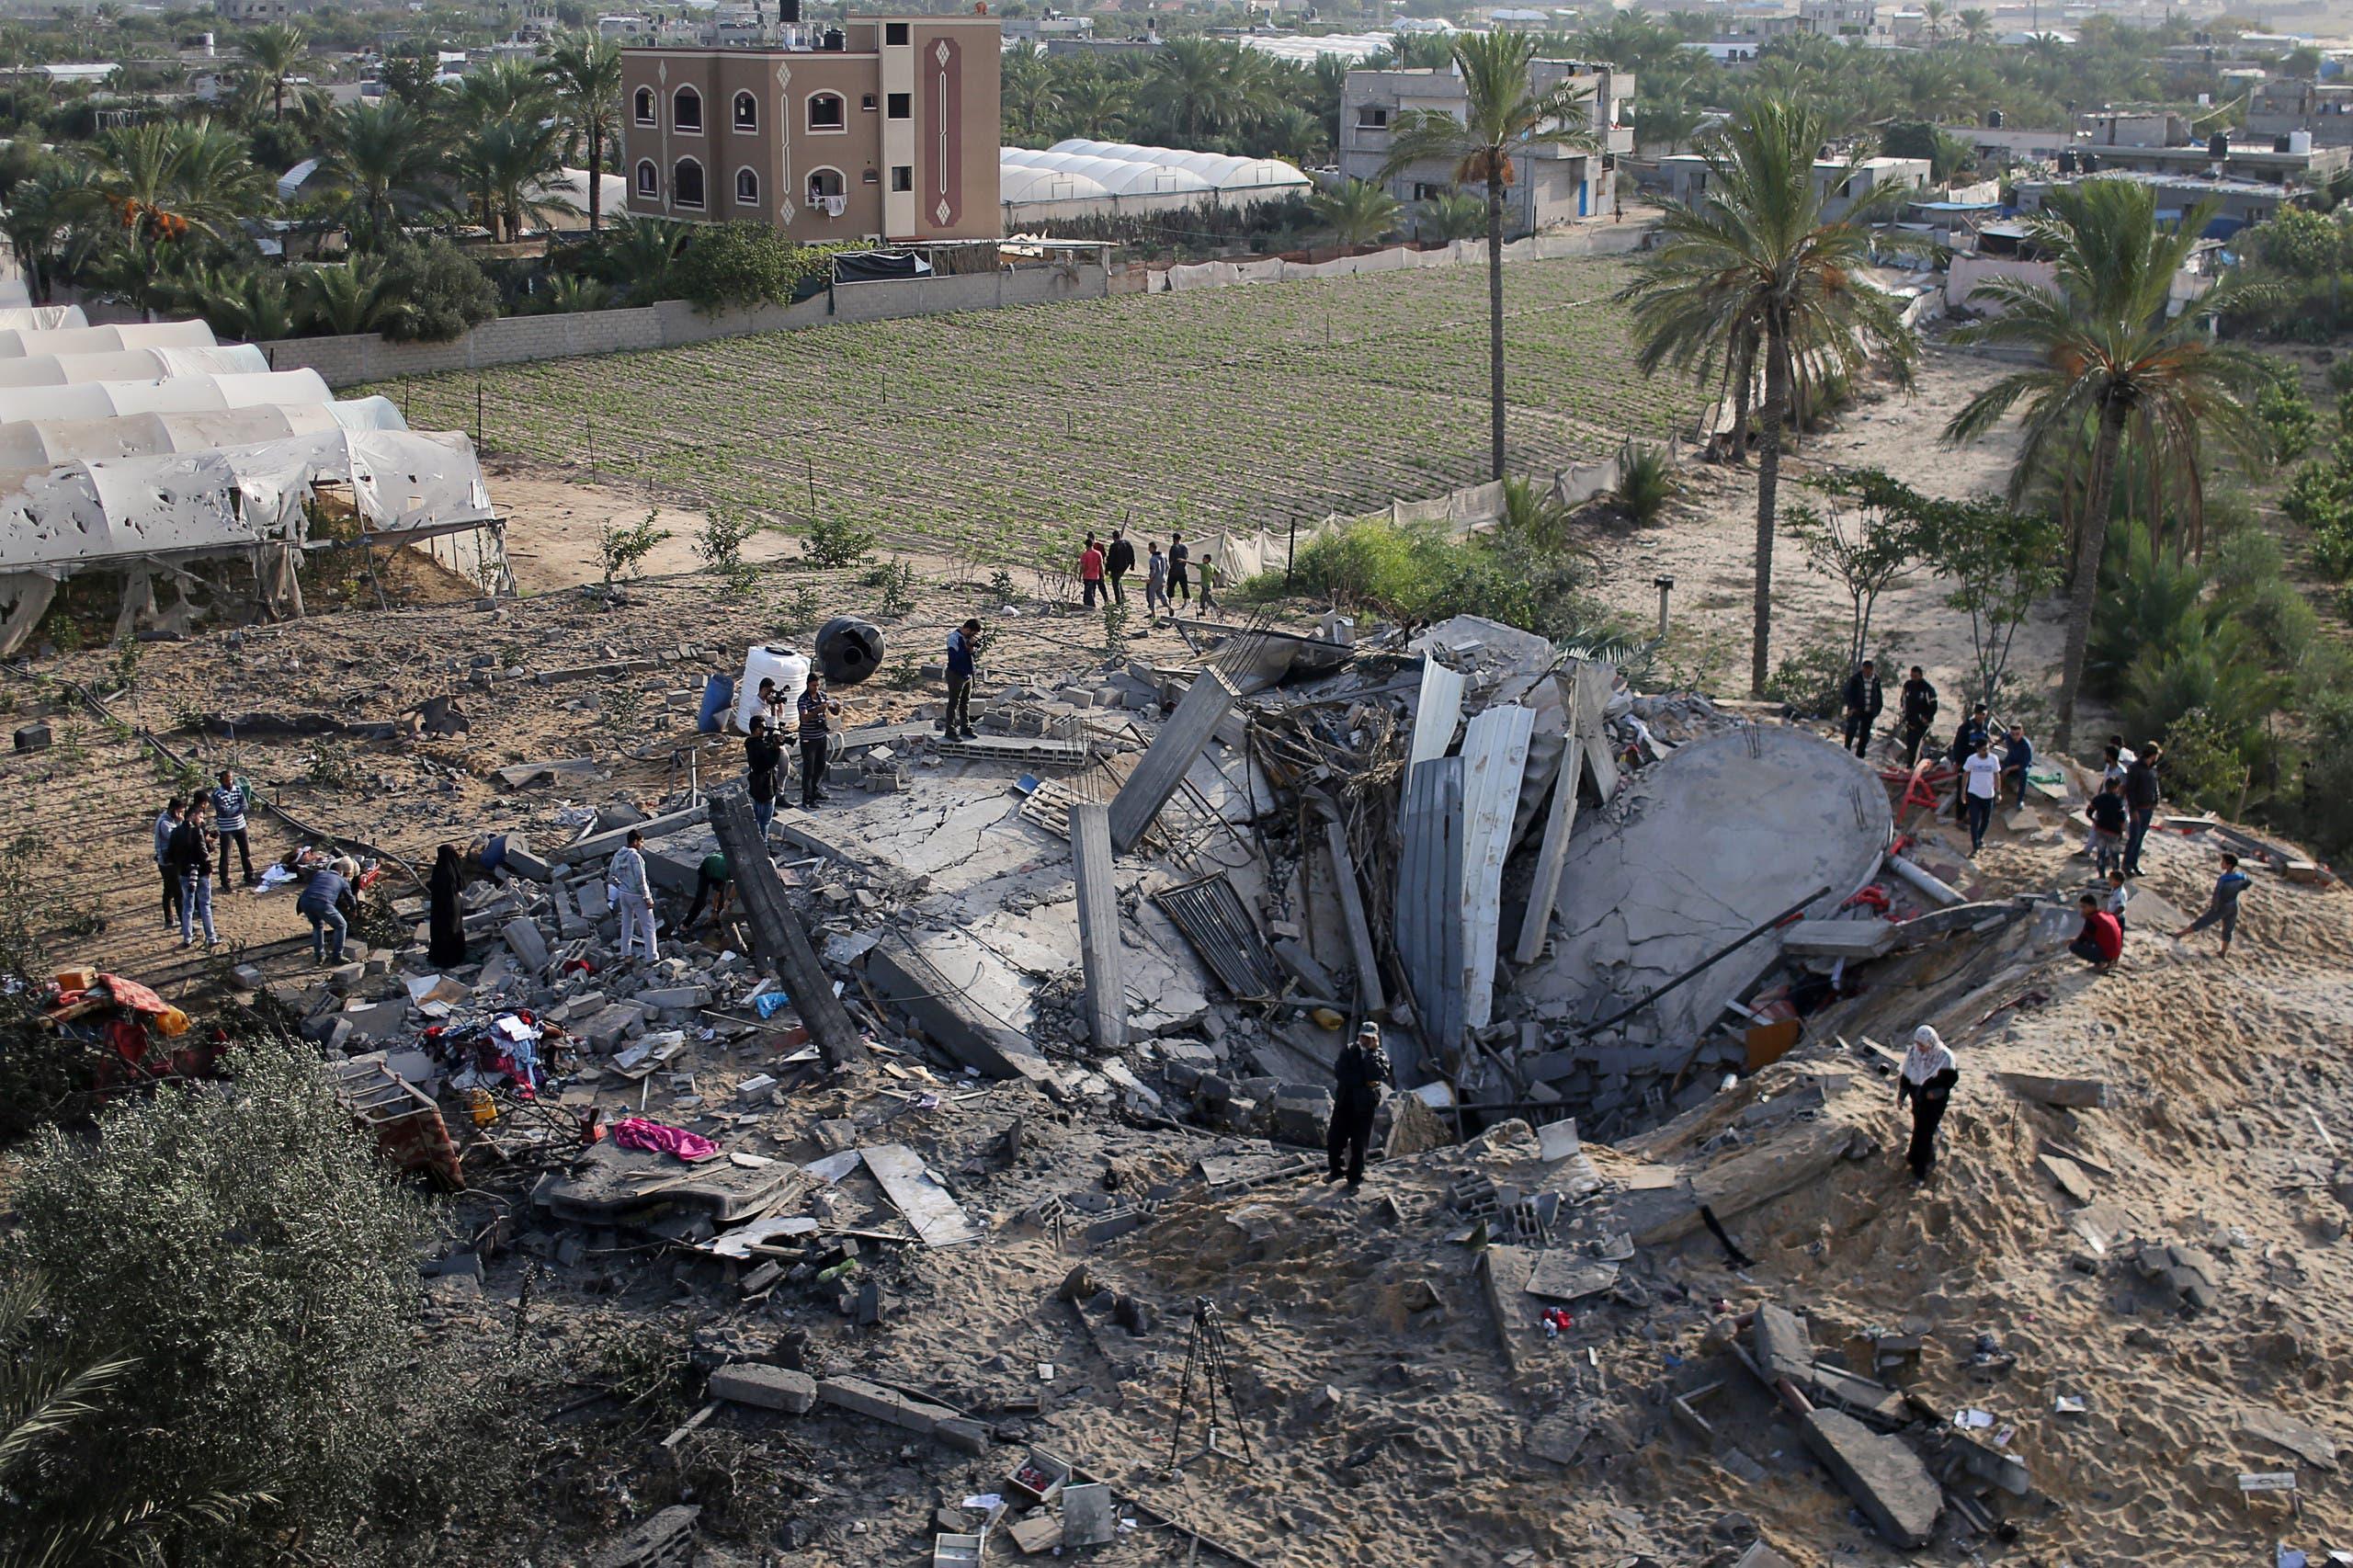 منزل مدمر في غزة جراء القصف الإسرائيلي